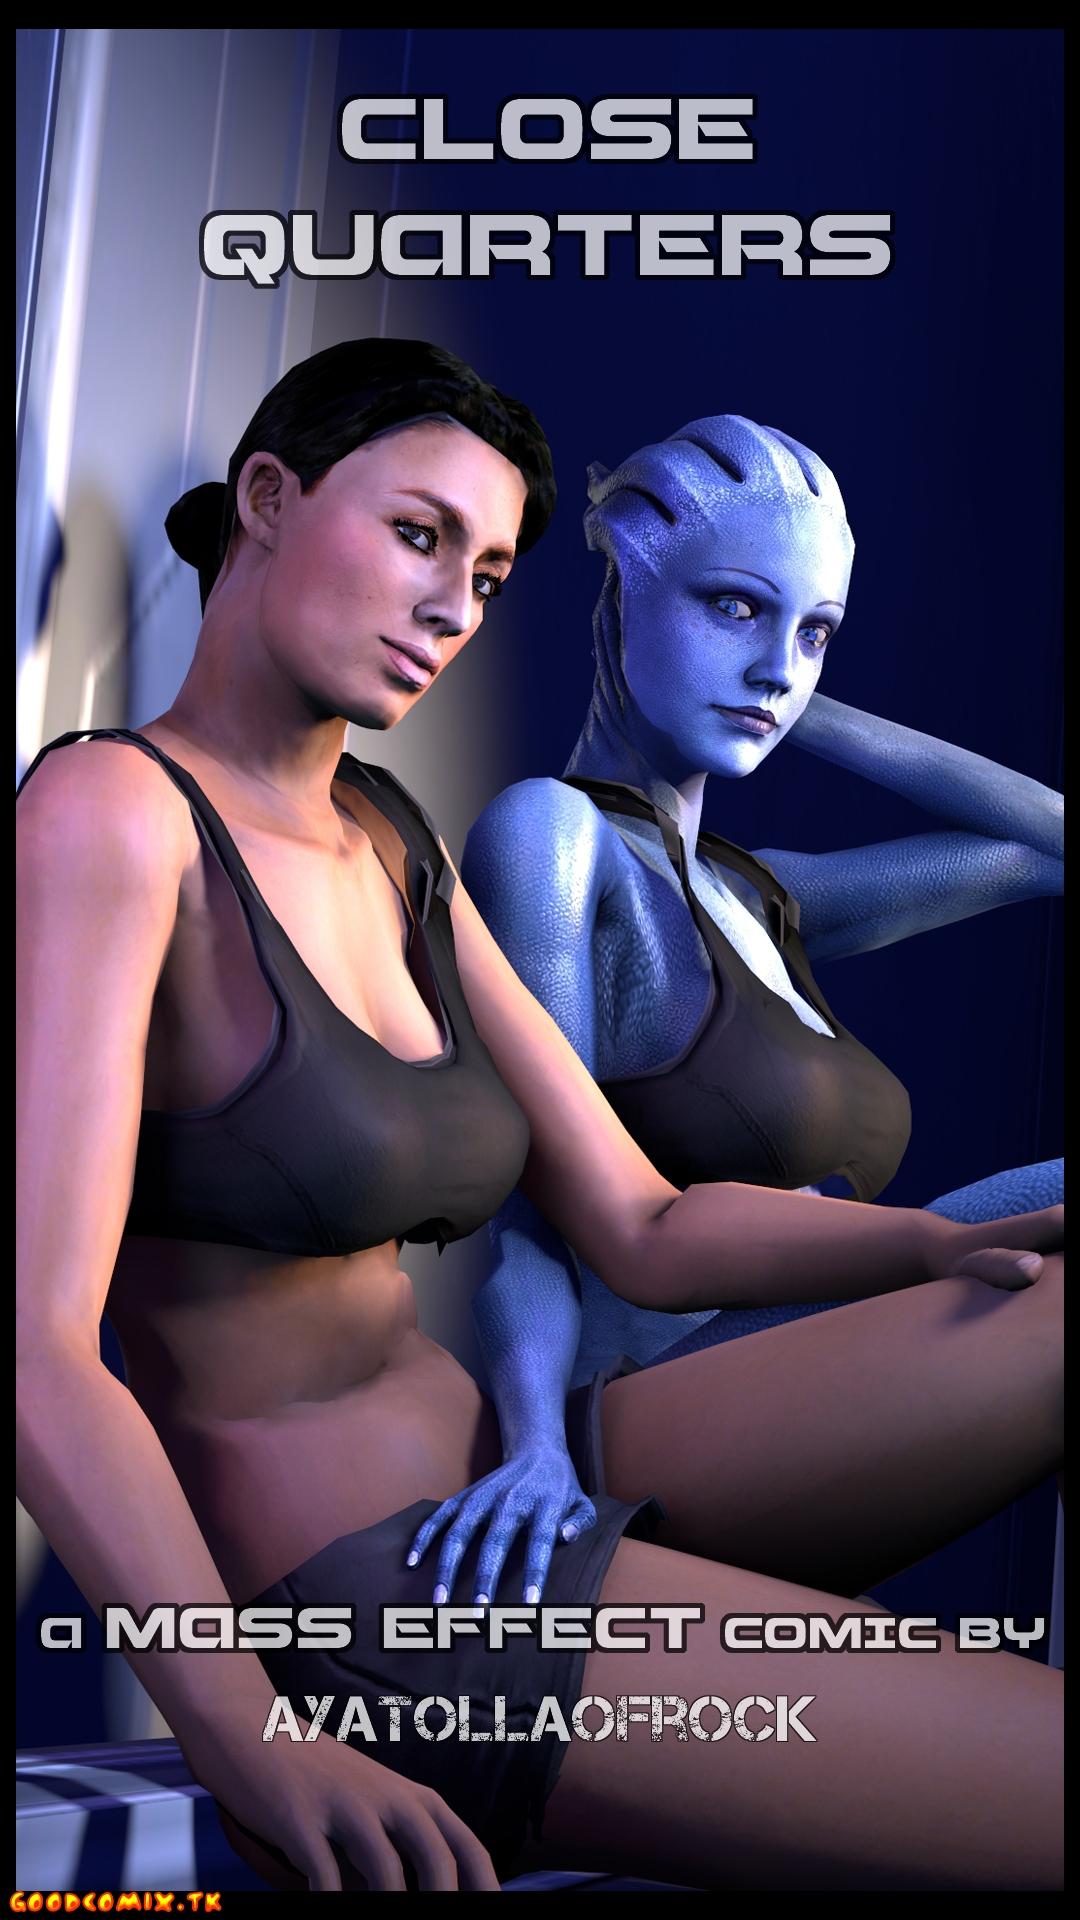 Goodcomix.tk Mass Effect - [AyatollaOfRock] - Close Quarters